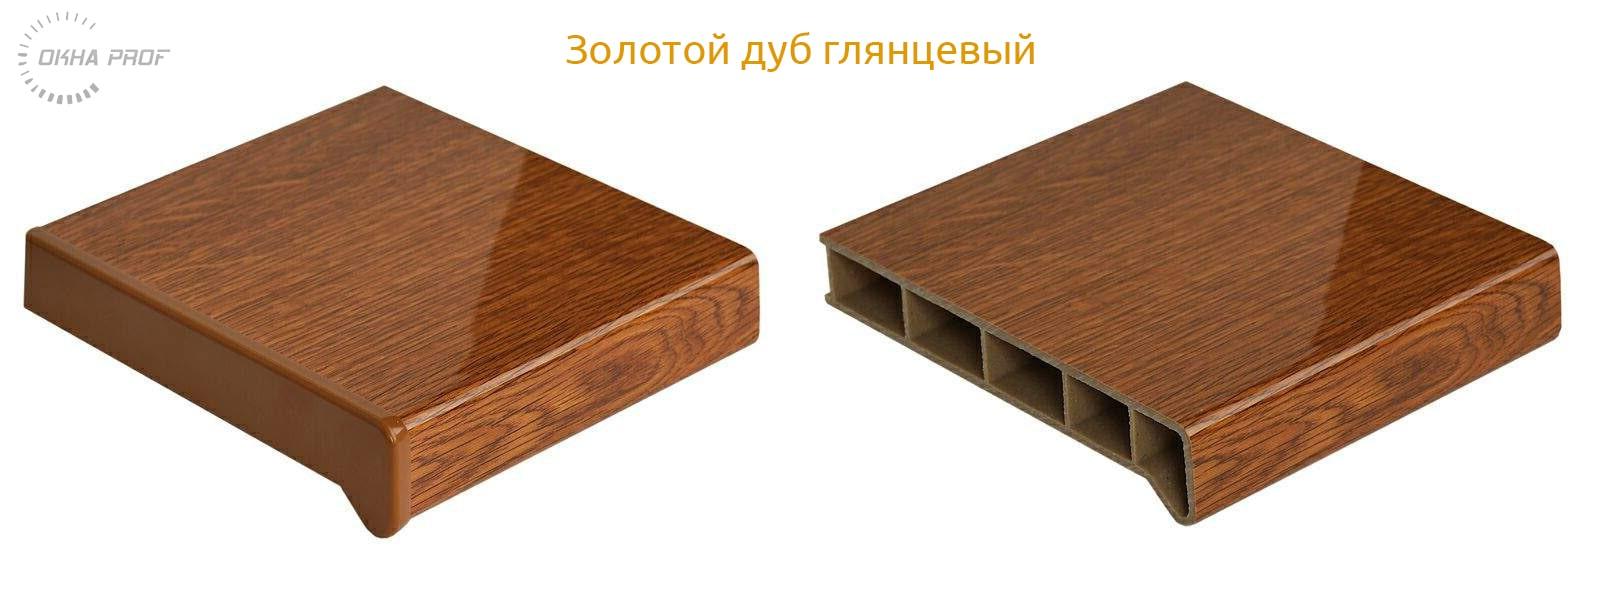 podokonnik-decor-donetsk-oknaprof-moeller-002